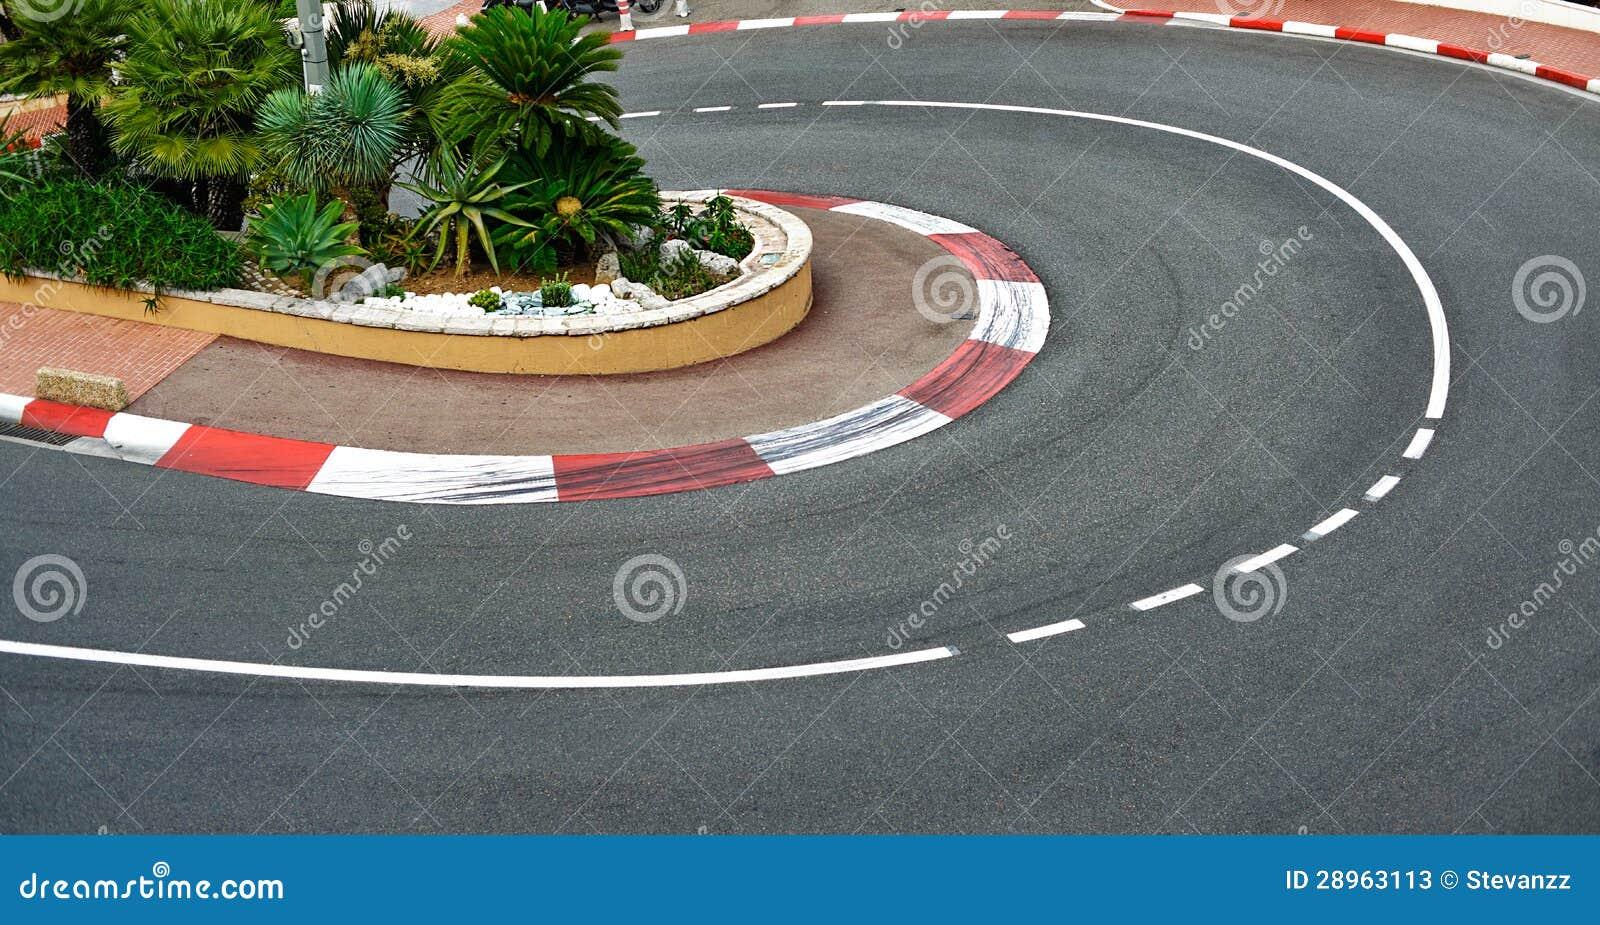 老岗位簪子弯种族沥青,摩纳哥国际长途大赛车电路